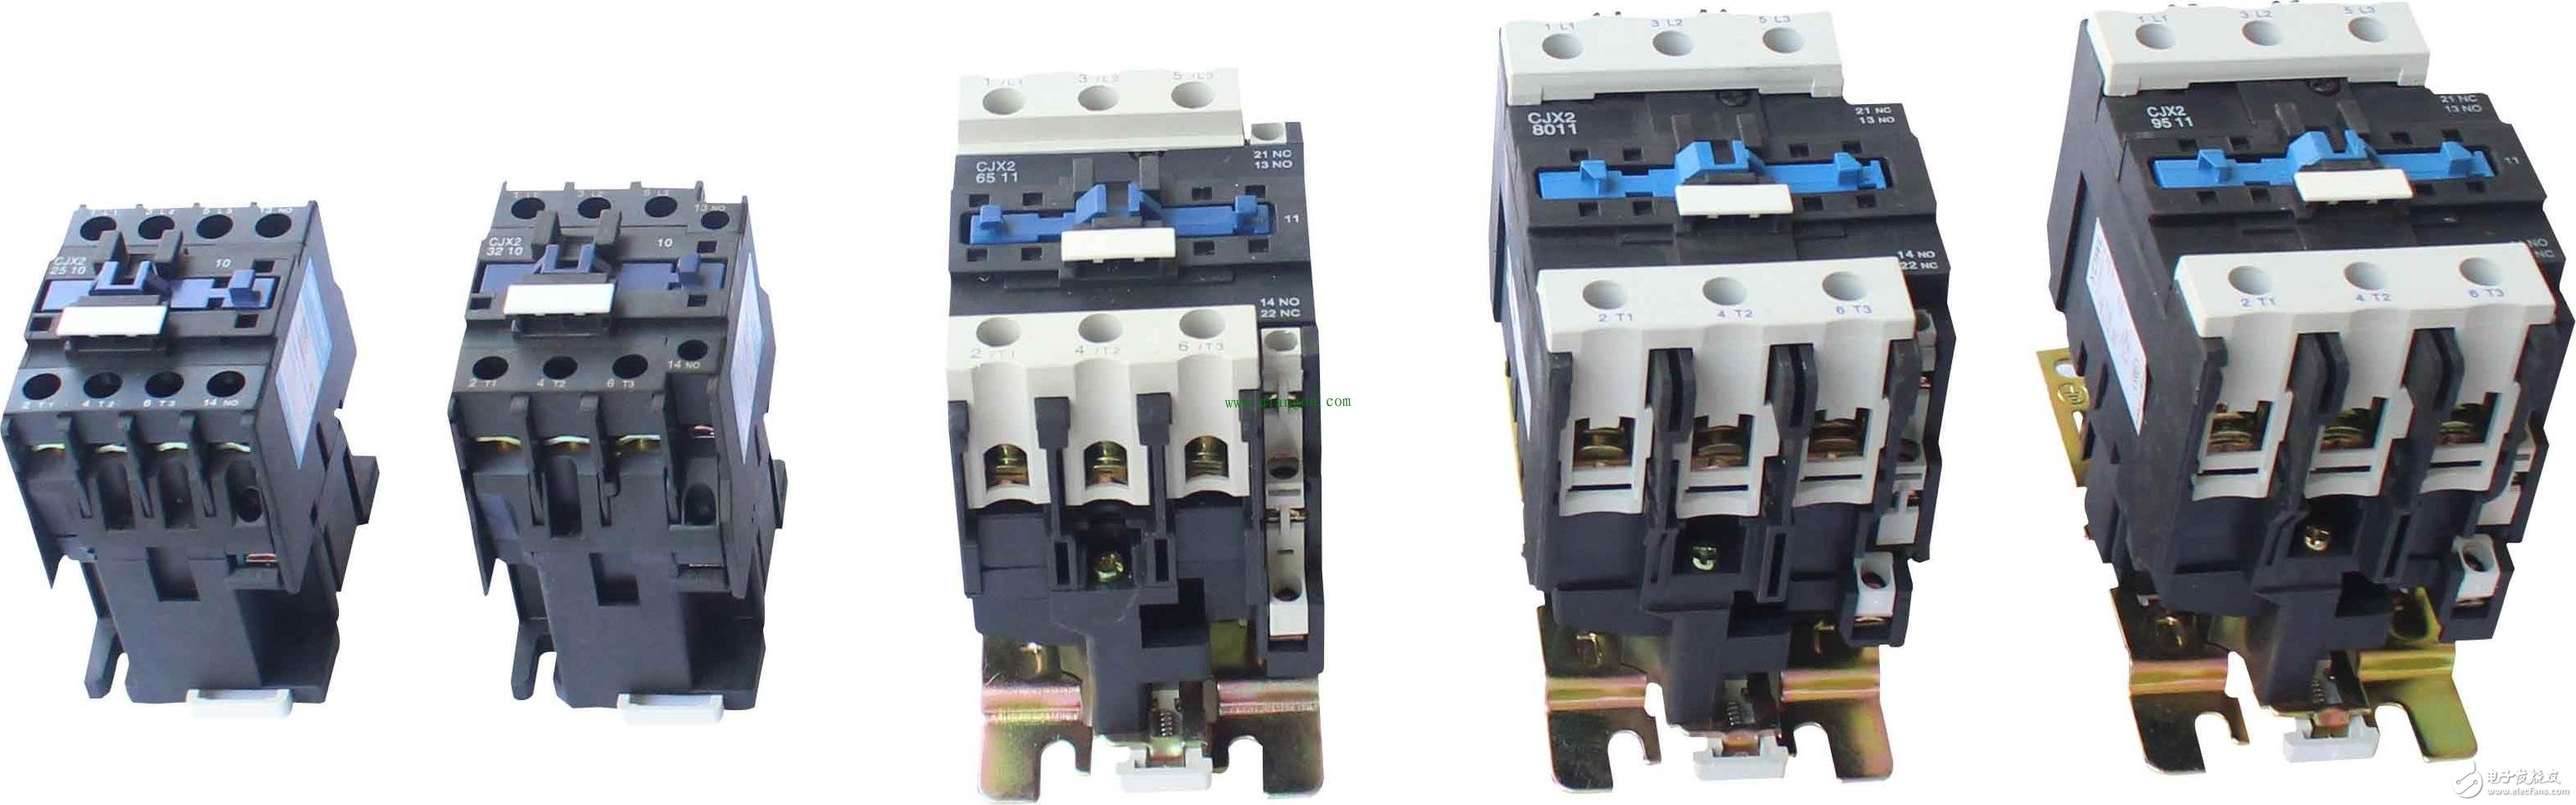 交流接触器接入直流电源会出现什么情况?